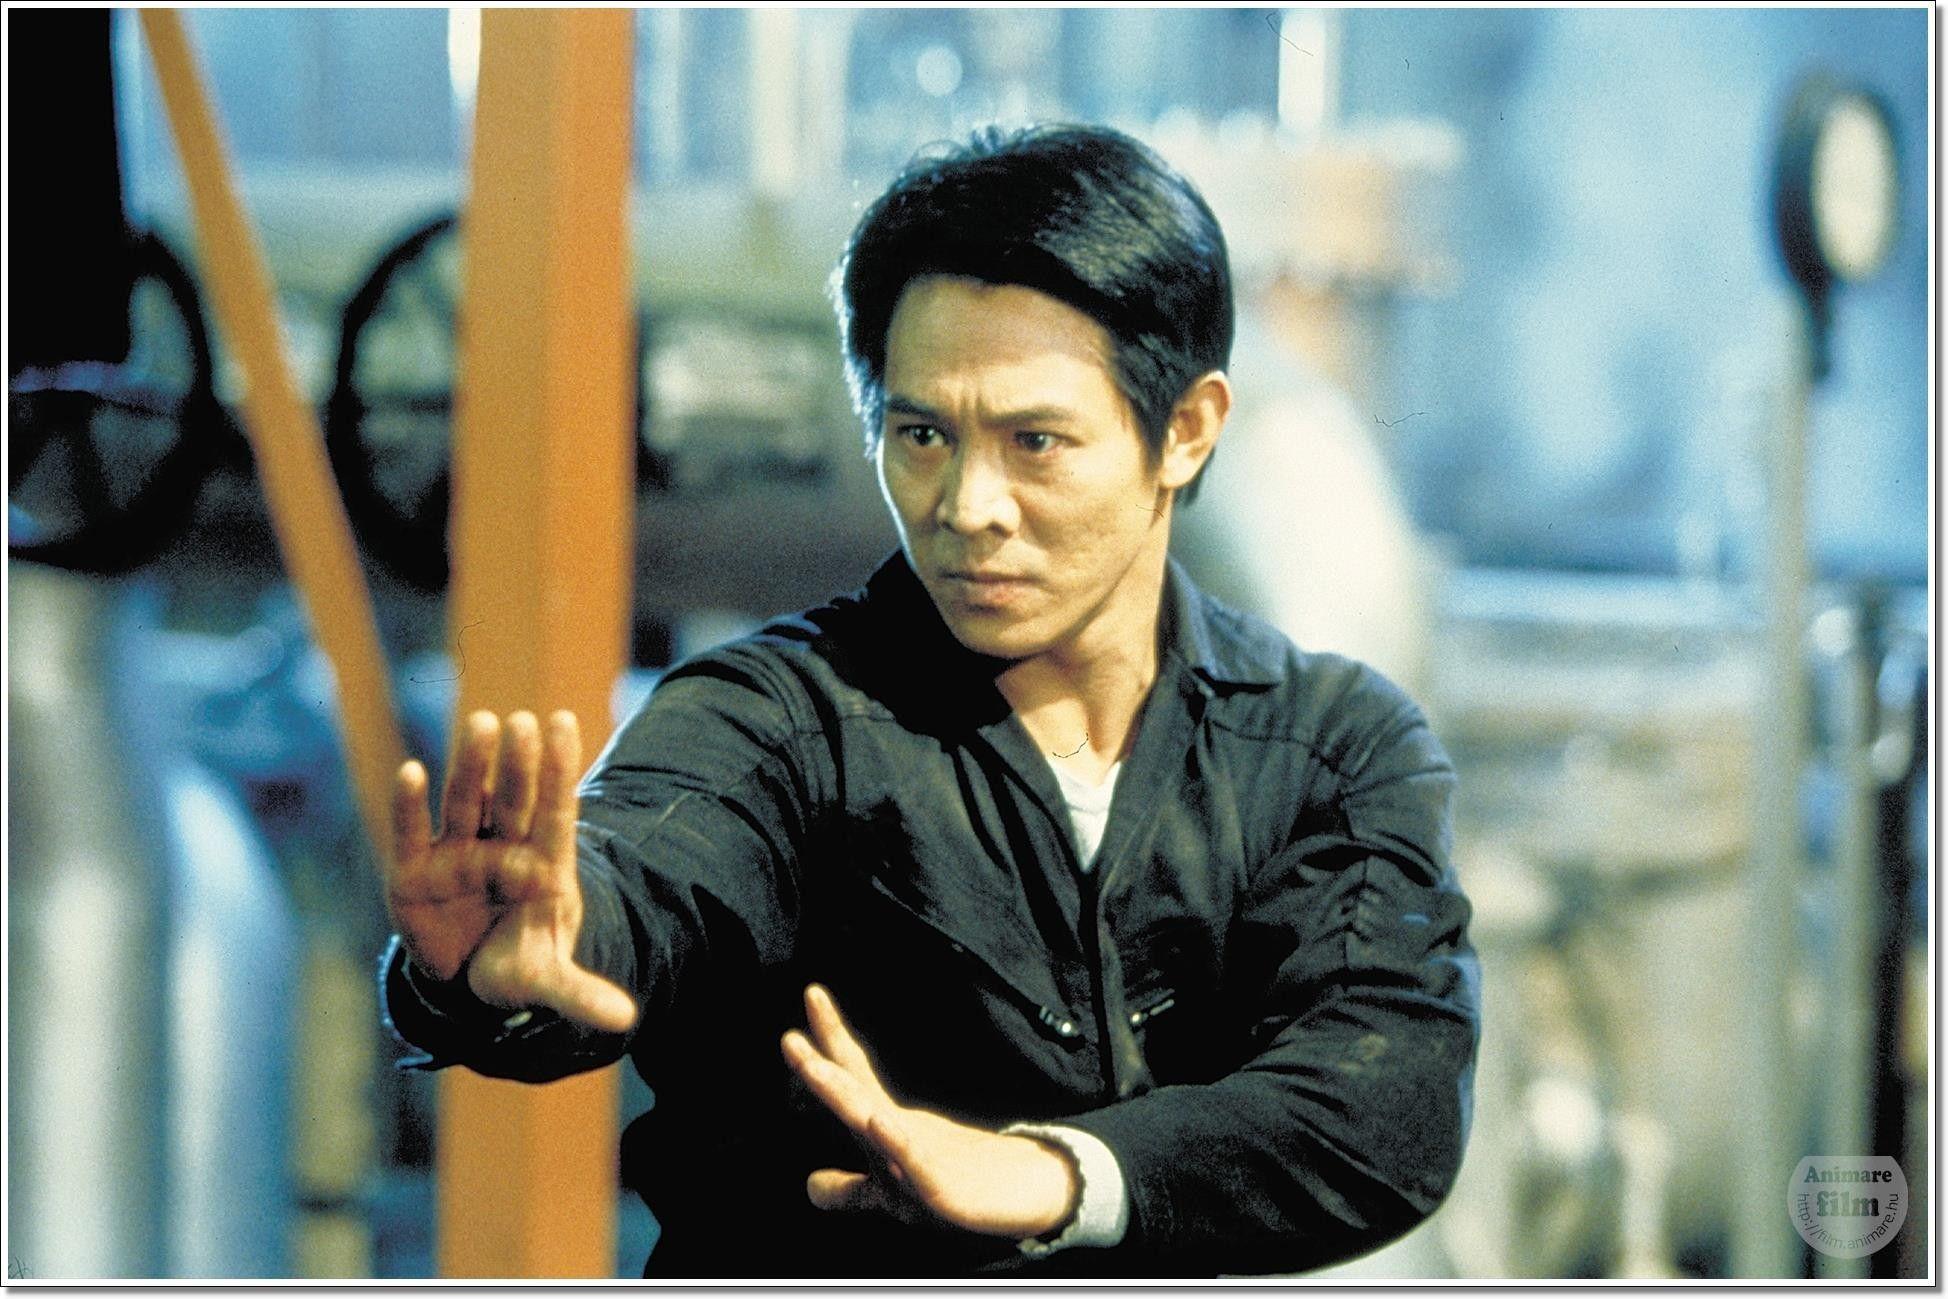 Jet li in The One. Jet li, Martial arts, Jet